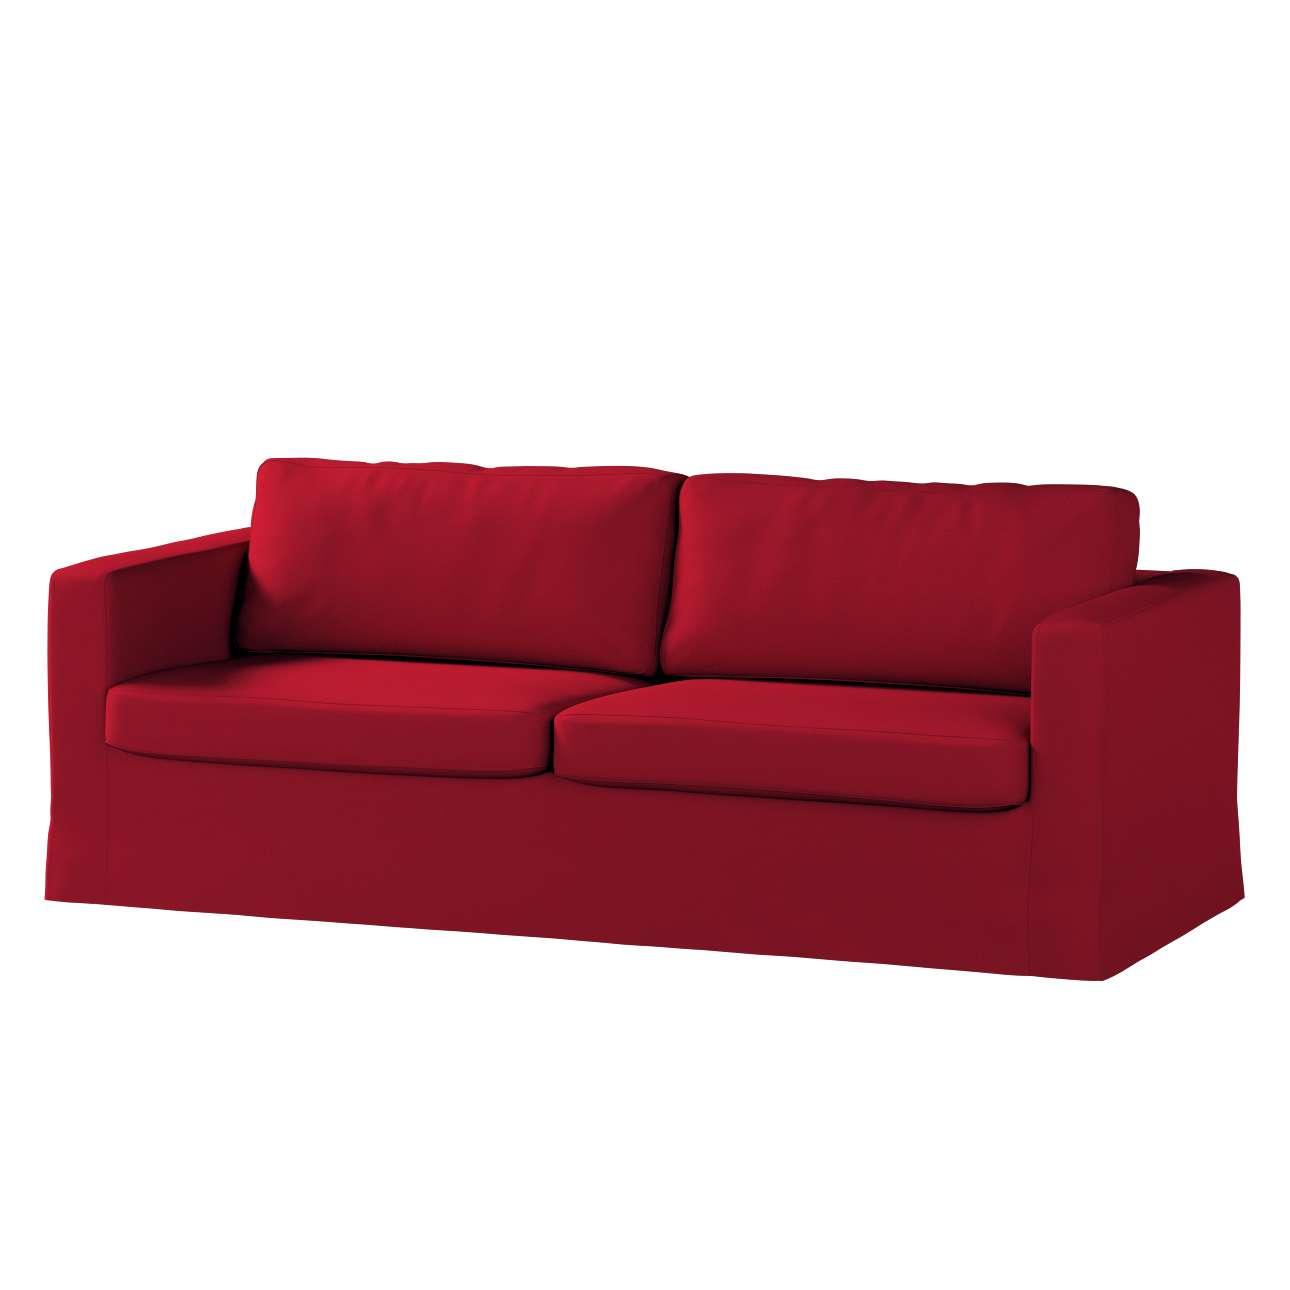 Karlstad 3-Sitzer Sofabezug nicht ausklappbar lang Sofahusse, Karlstad 3-Sitzer von der Kollektion Etna, Stoff: 705-60